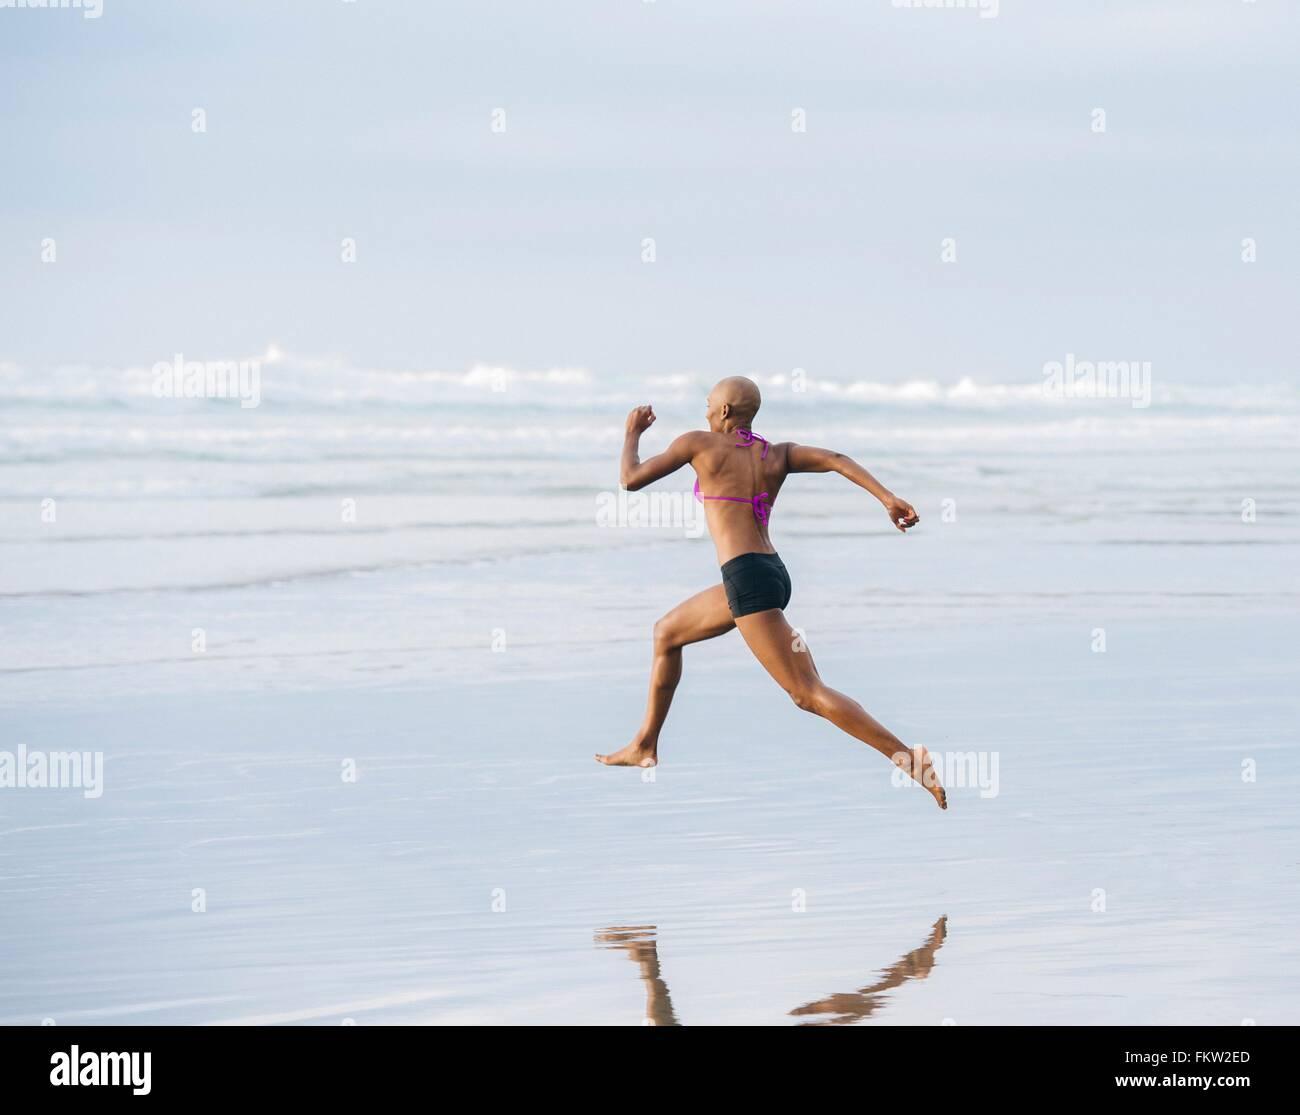 Woman in bikini sprinting on beach - Stock Image